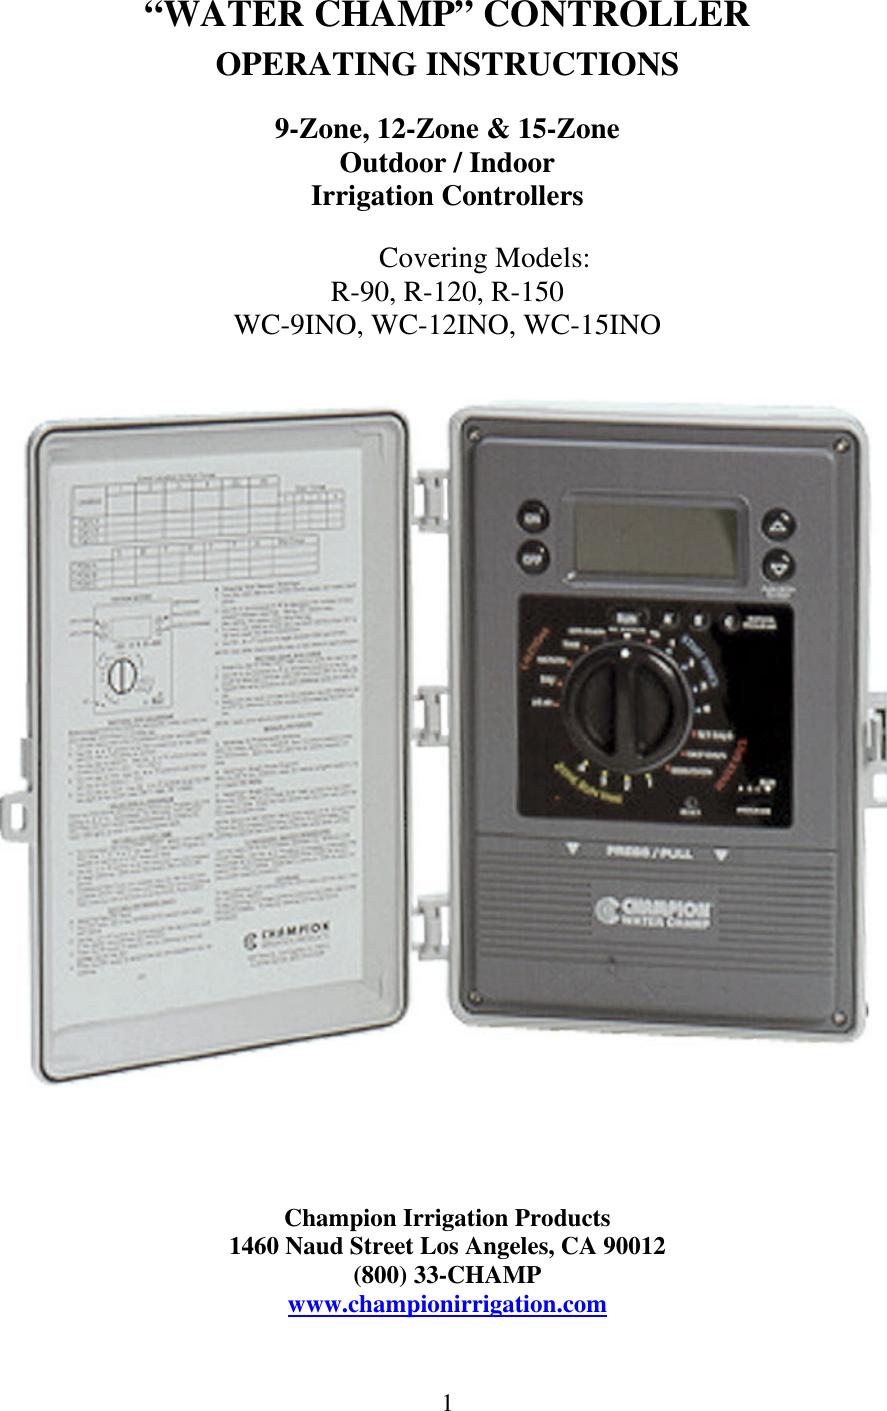 Champion Manufacturing R 90 Users Manual Wc_manualUserManual.wiki